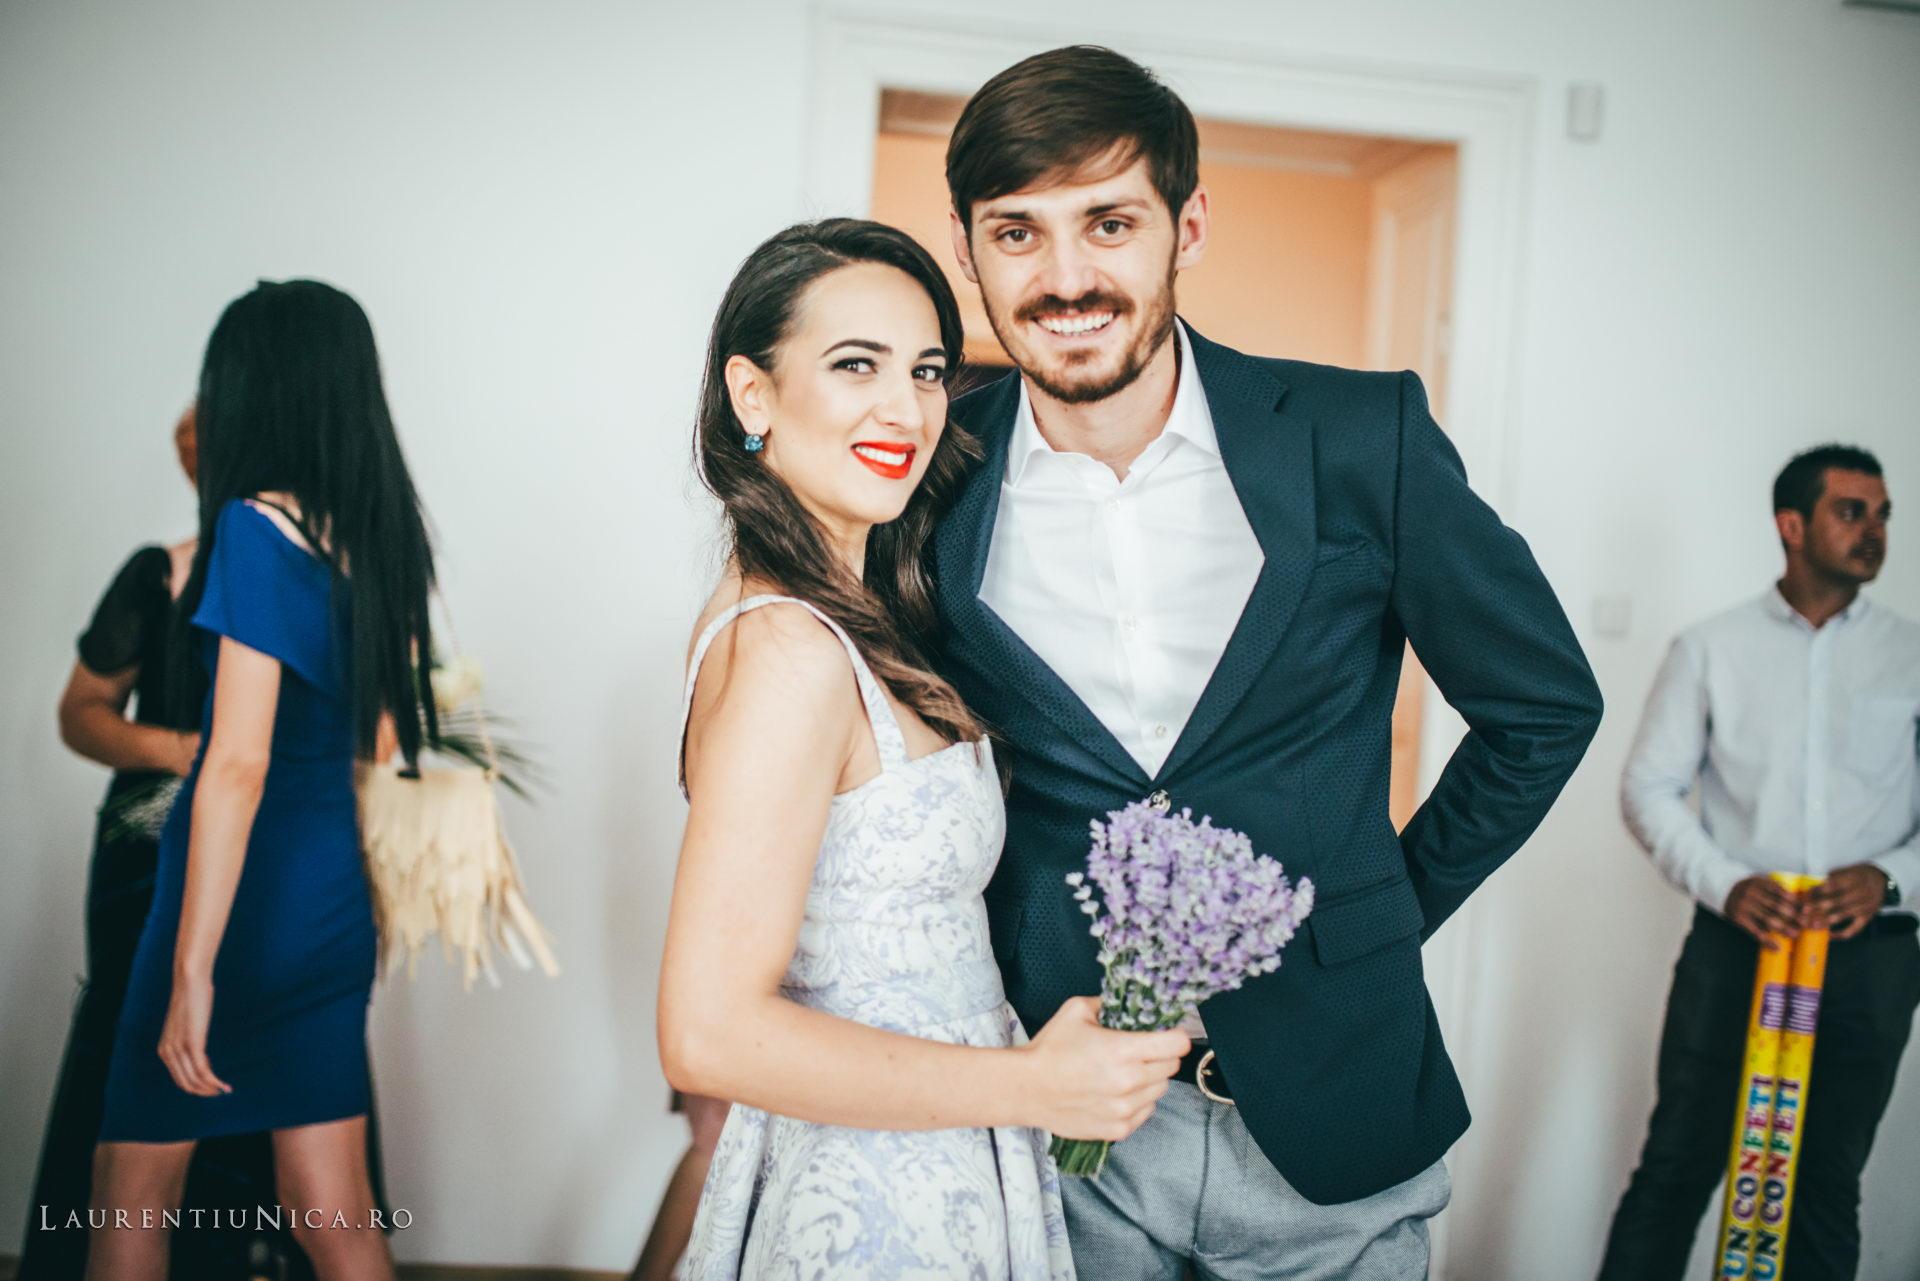 Cristina si Ovidiu nunta Craiova fotograf laurentiu nica 002 - Cristina & Ovidiu | Fotografii nunta | Craiova